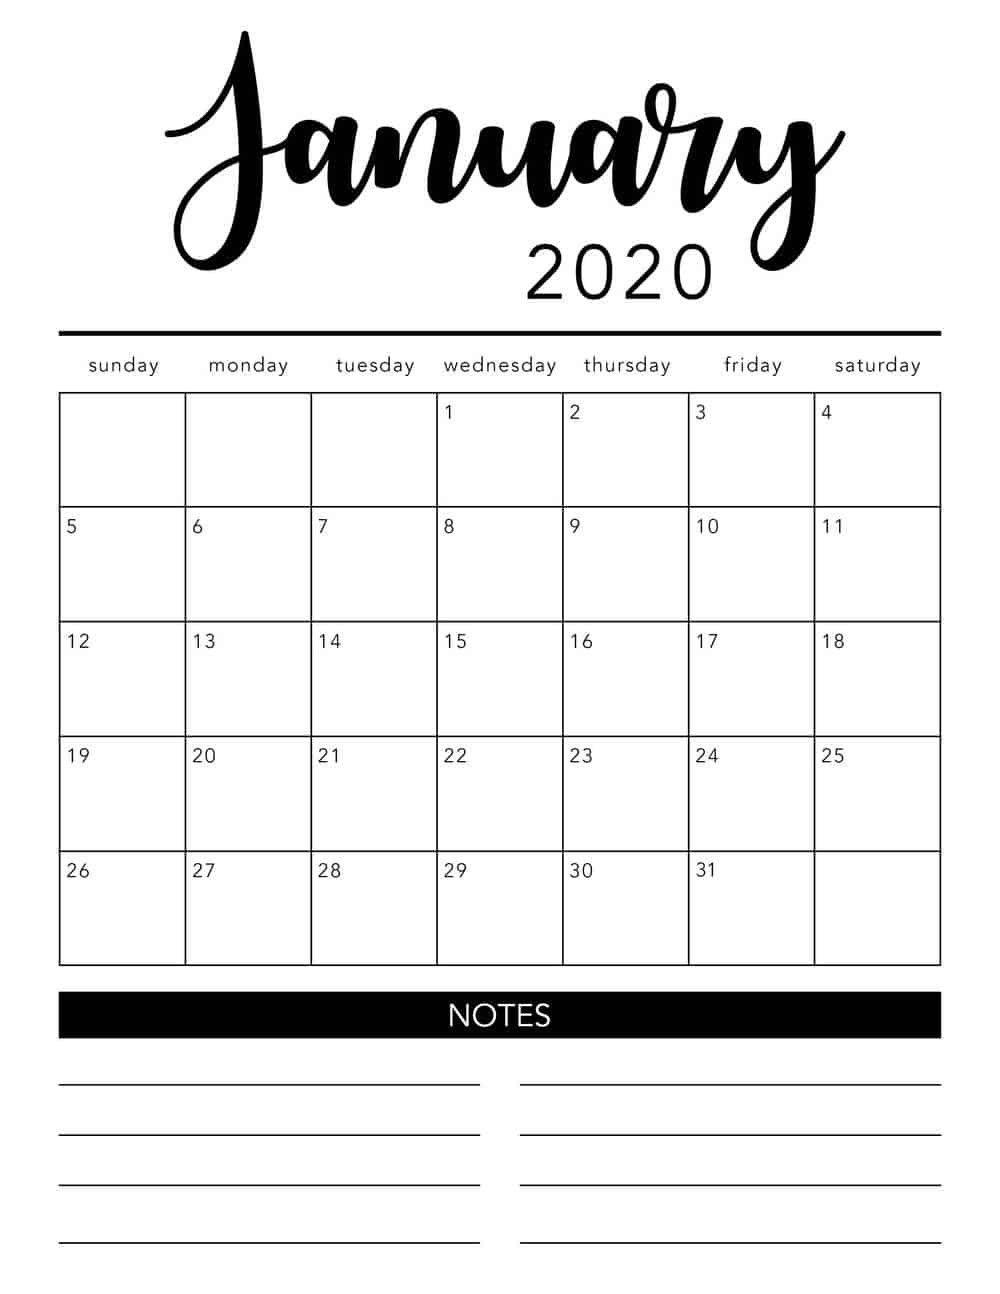 Printable Calendar By Month 2020 Di 2020 Dengan Gambar Seni